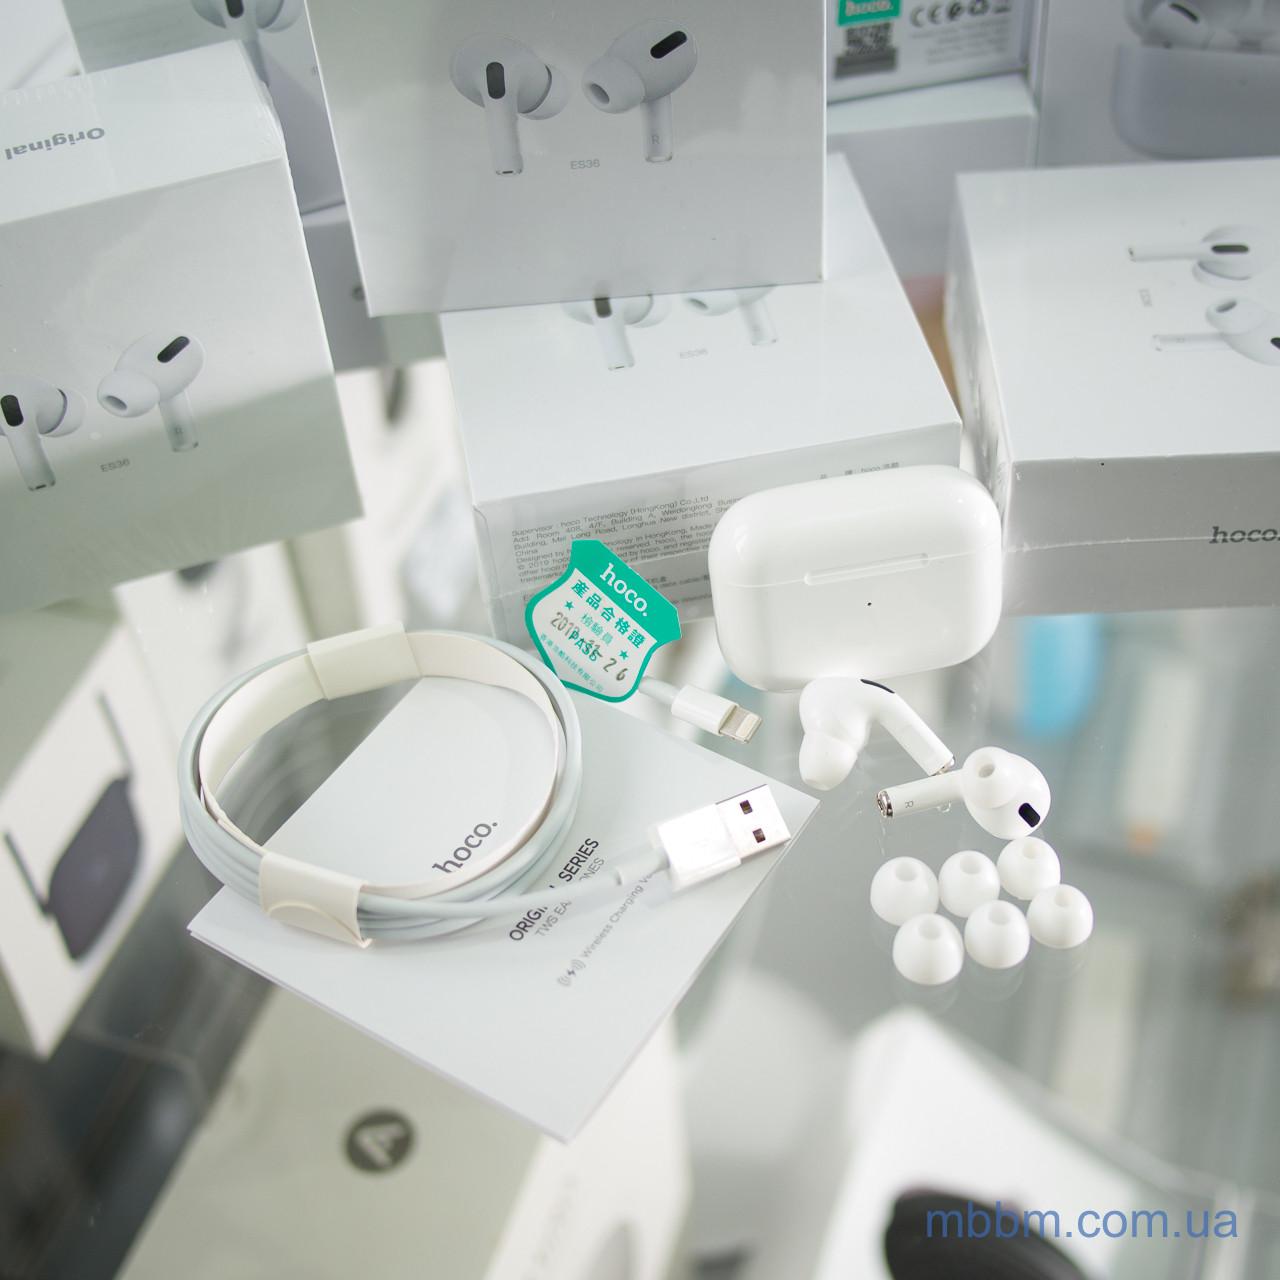 Беспроводные наушники Bluetooth hoco. ES36 Original +Чехол в подарок! Пластик Без крепления Наушники